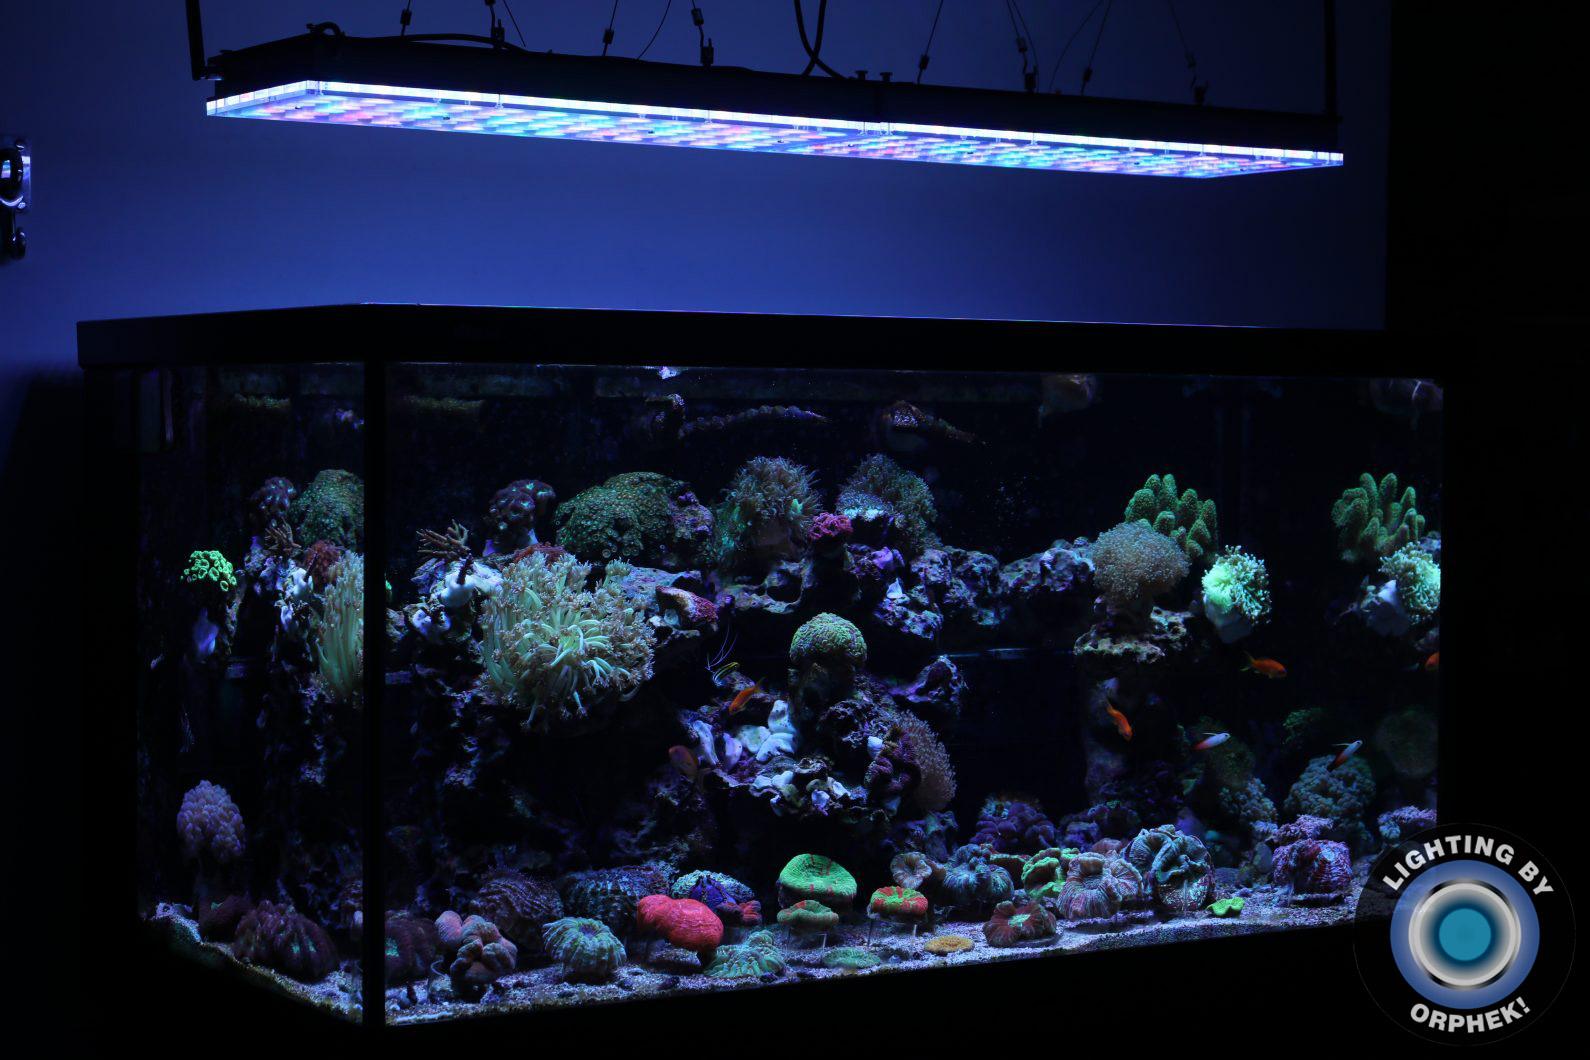 piękne światła rafy akwariowej